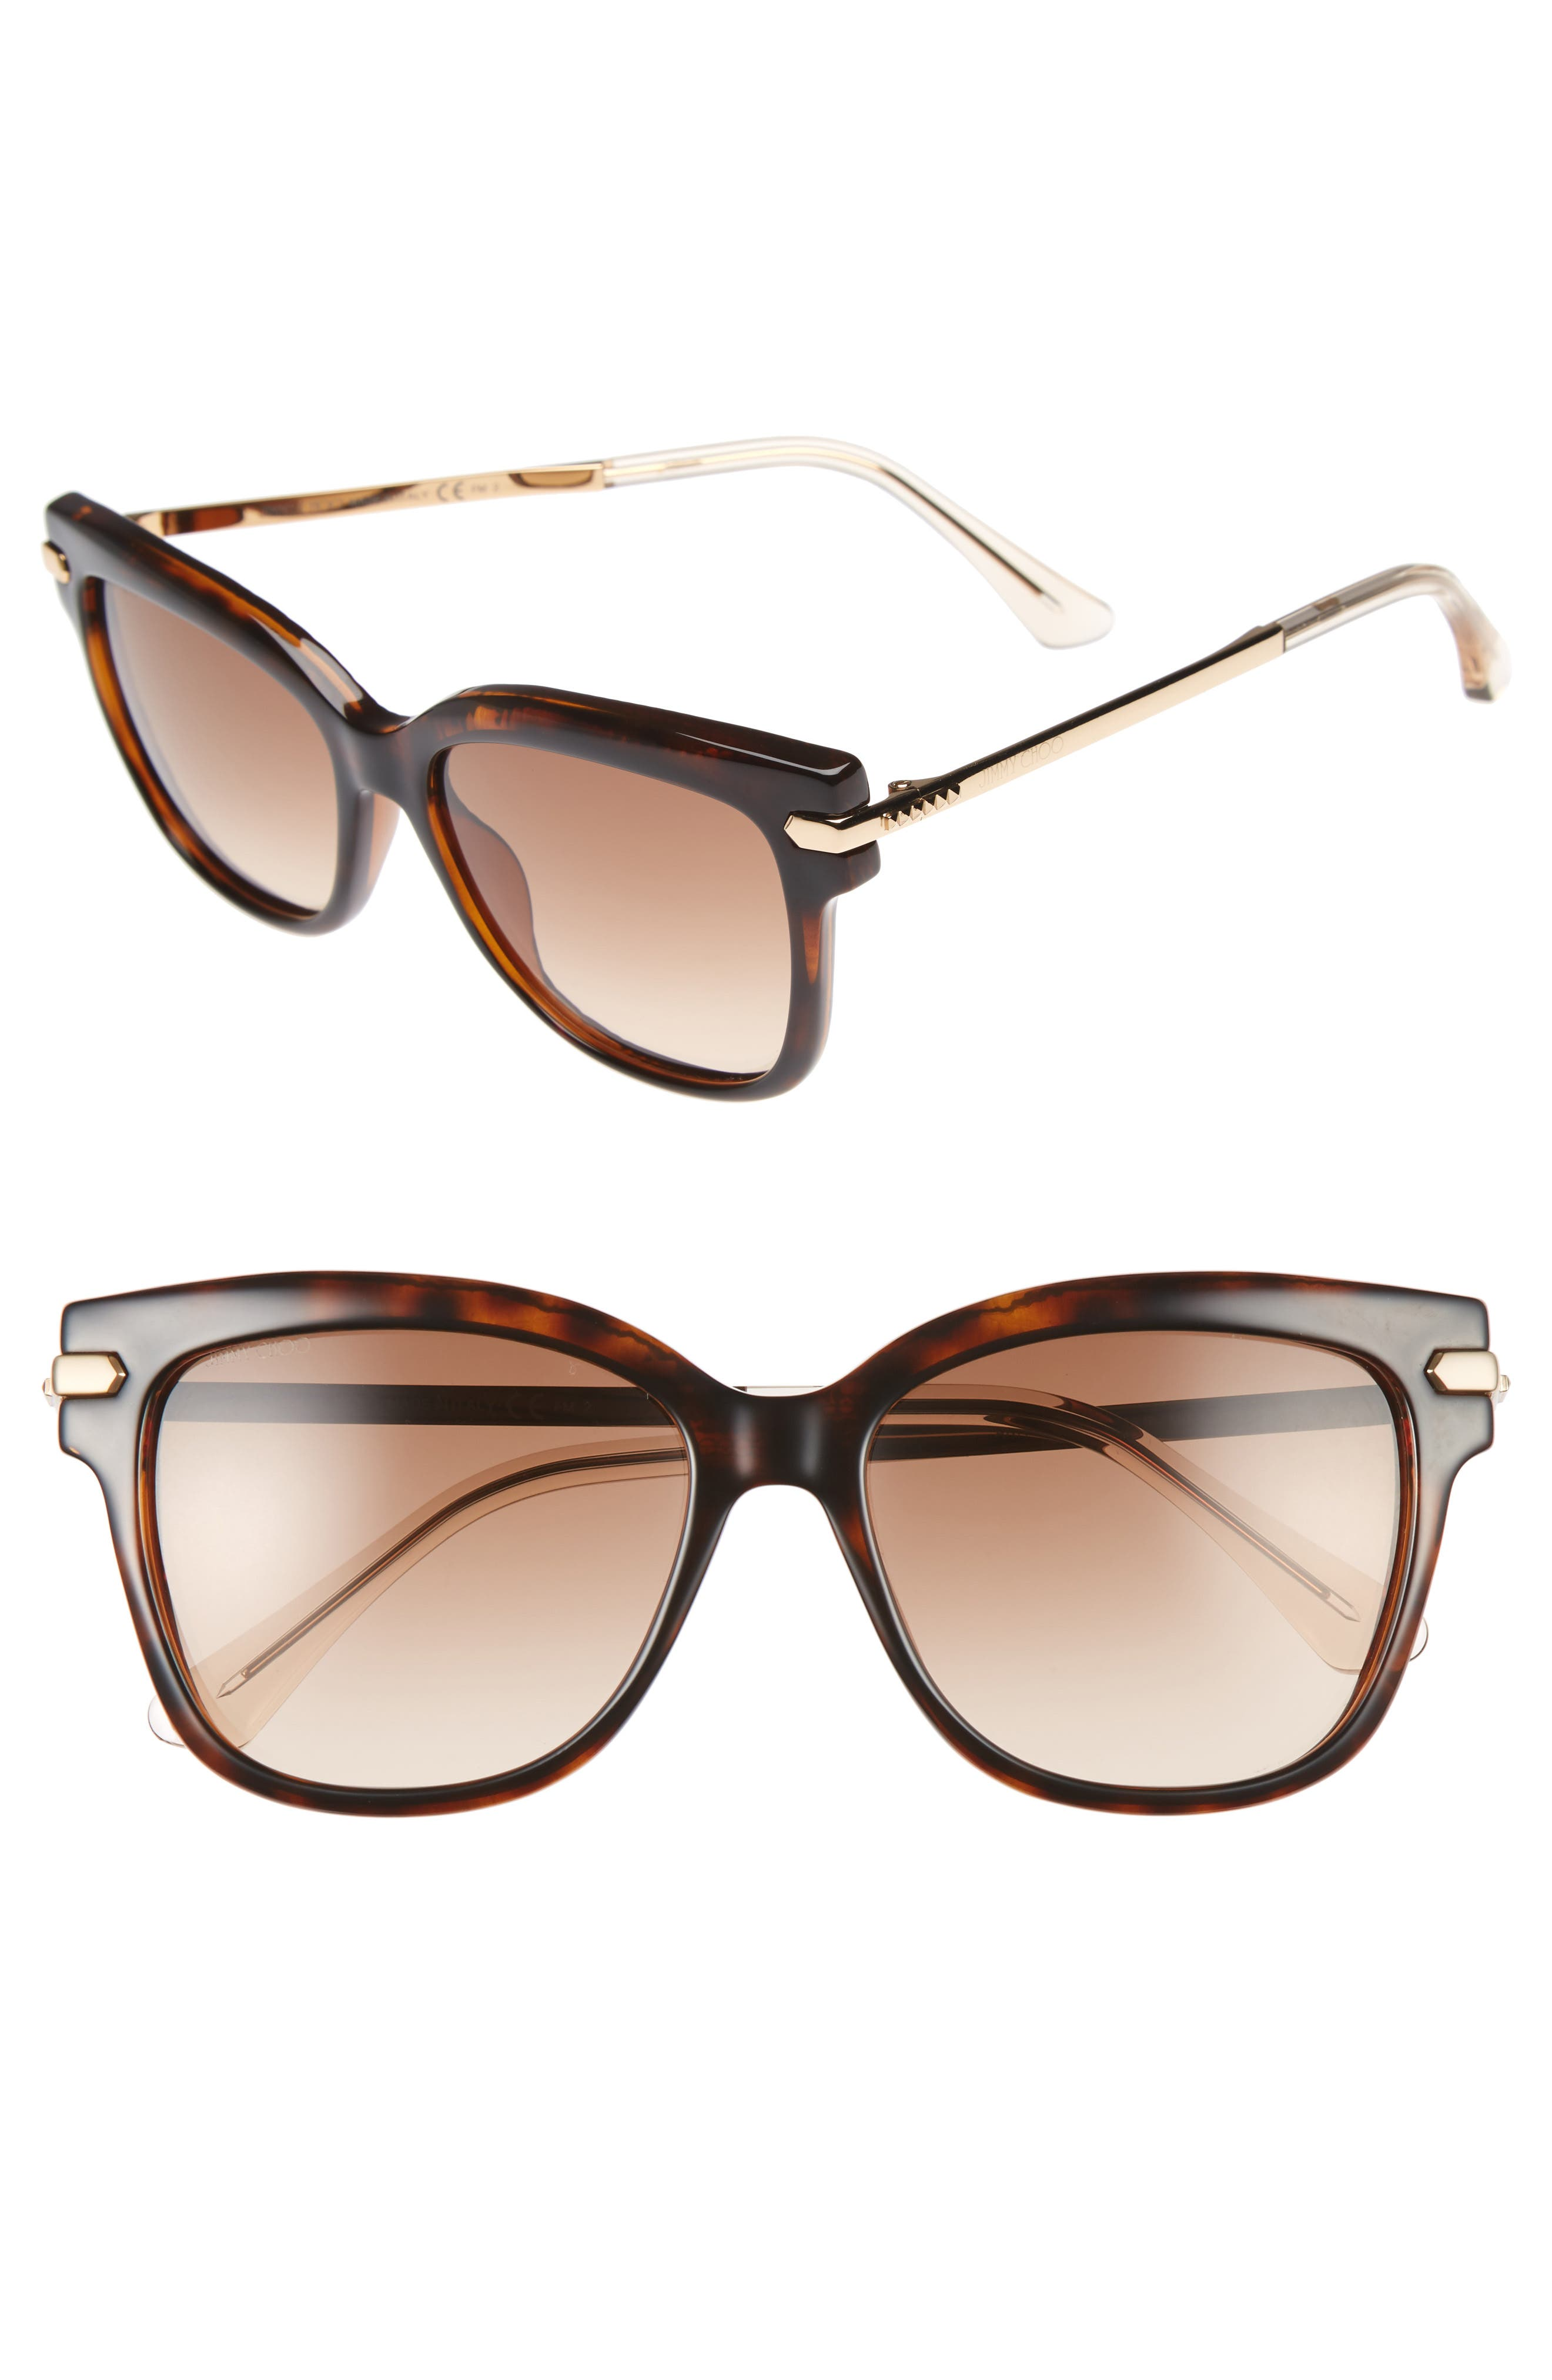 Jimmy Choo Aras 54mm Cat Eye Sunglasses